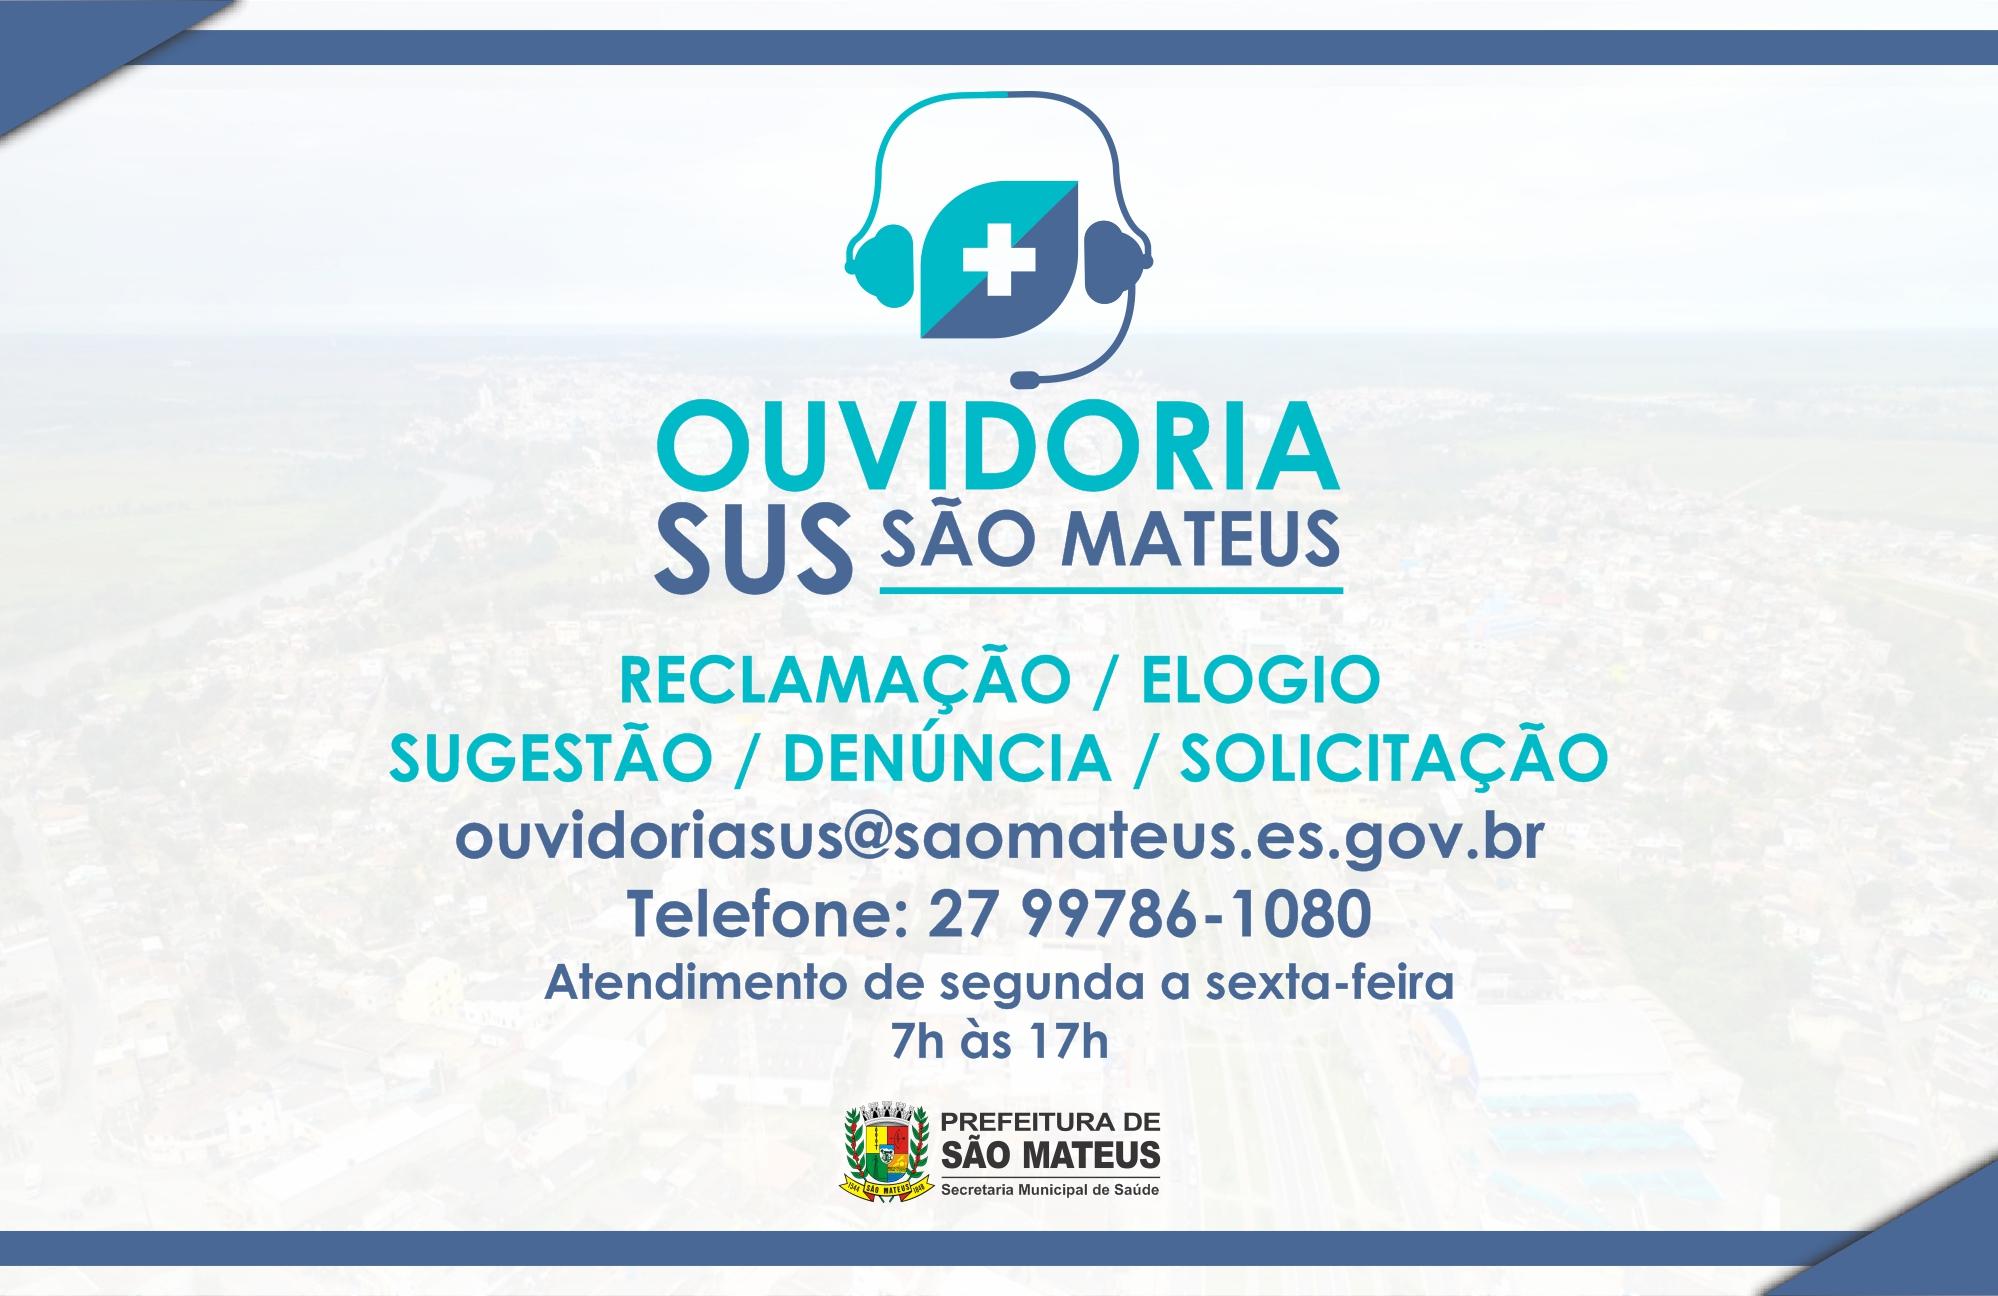 ACIONE A OUVIDORIA SUS DA PREFEITURA DE SÃO MATEUS!